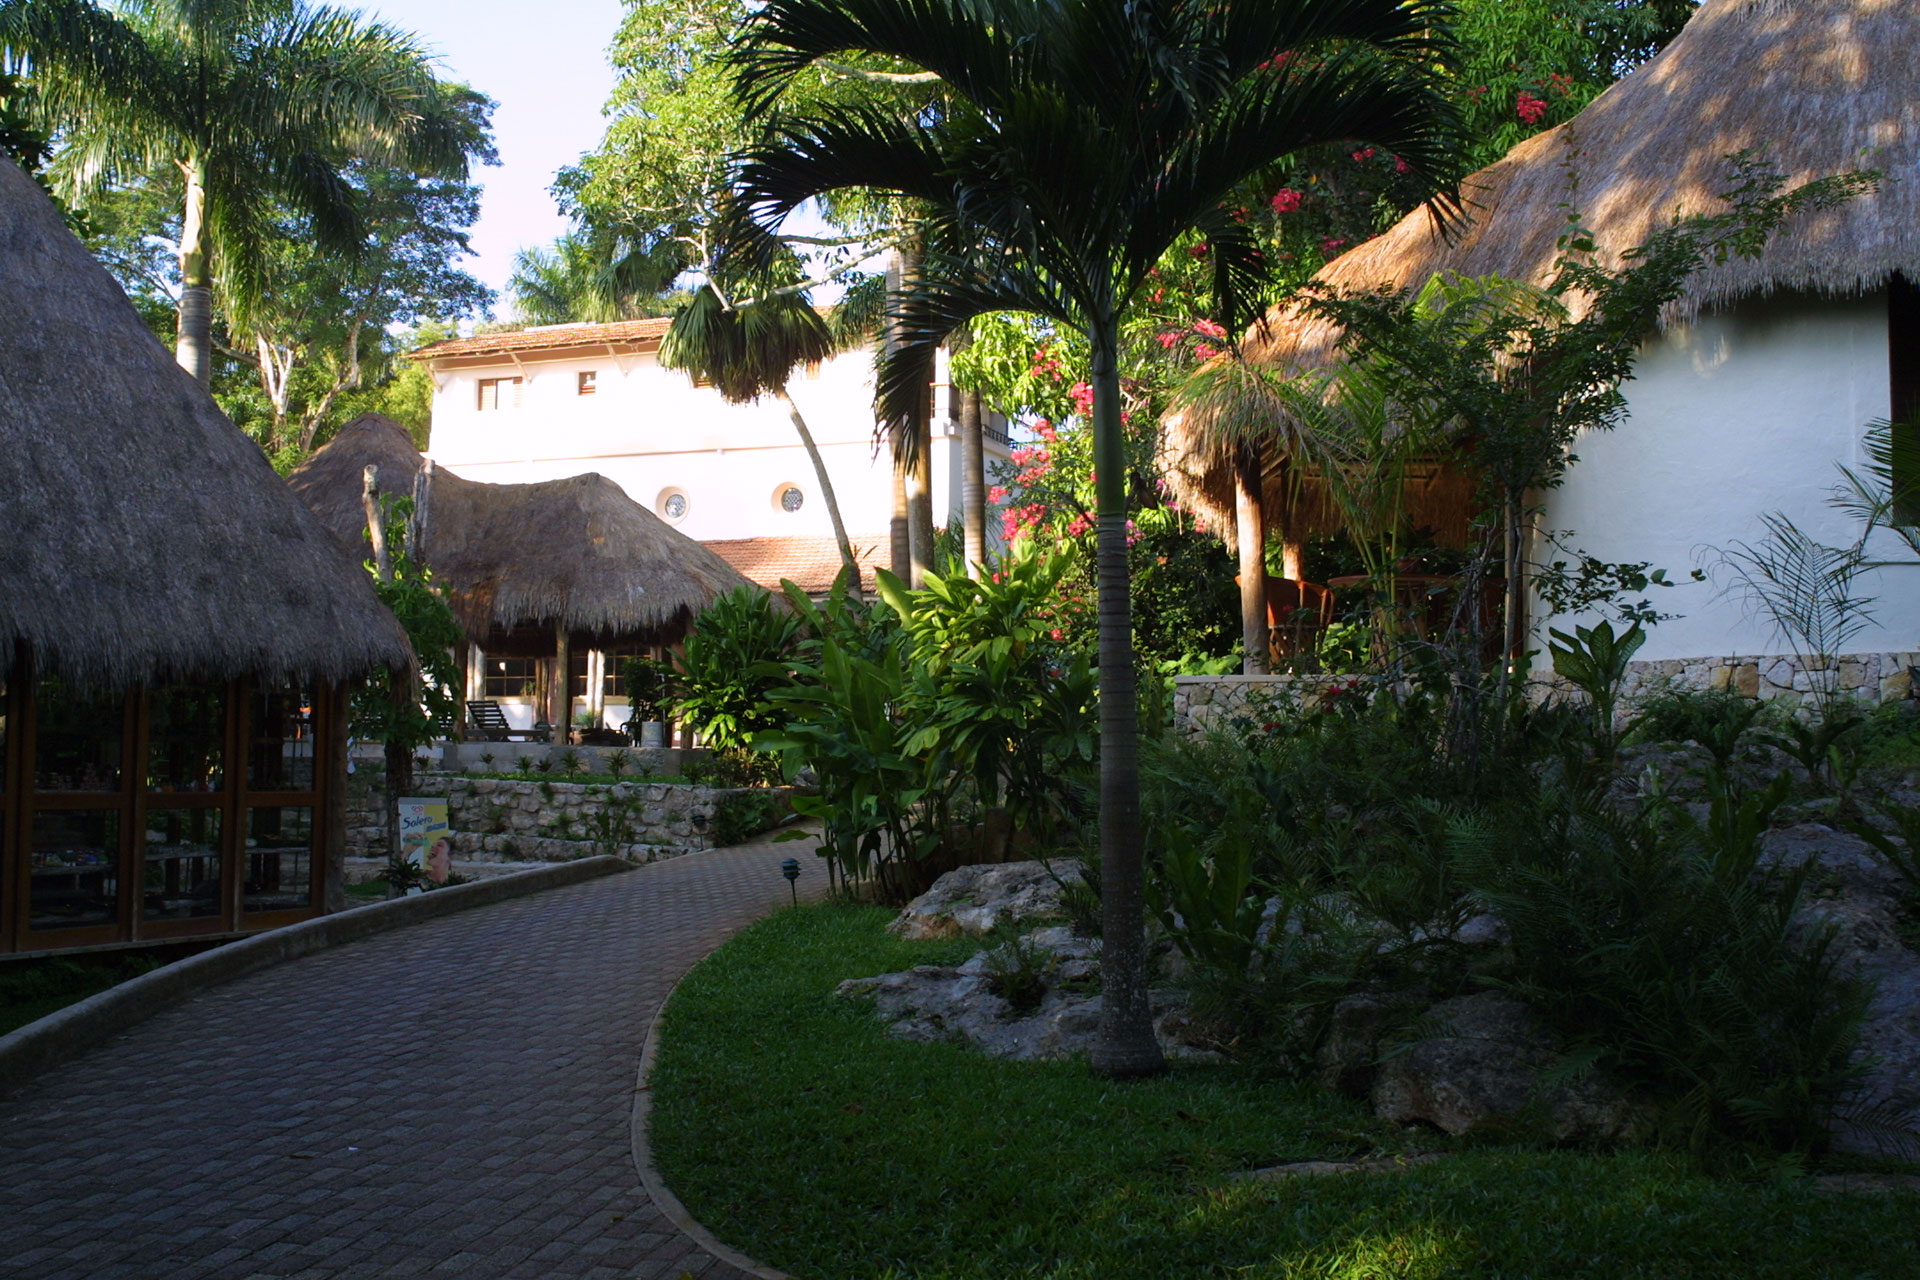 Mayaland Hotel And Bungalows Chichen Itza